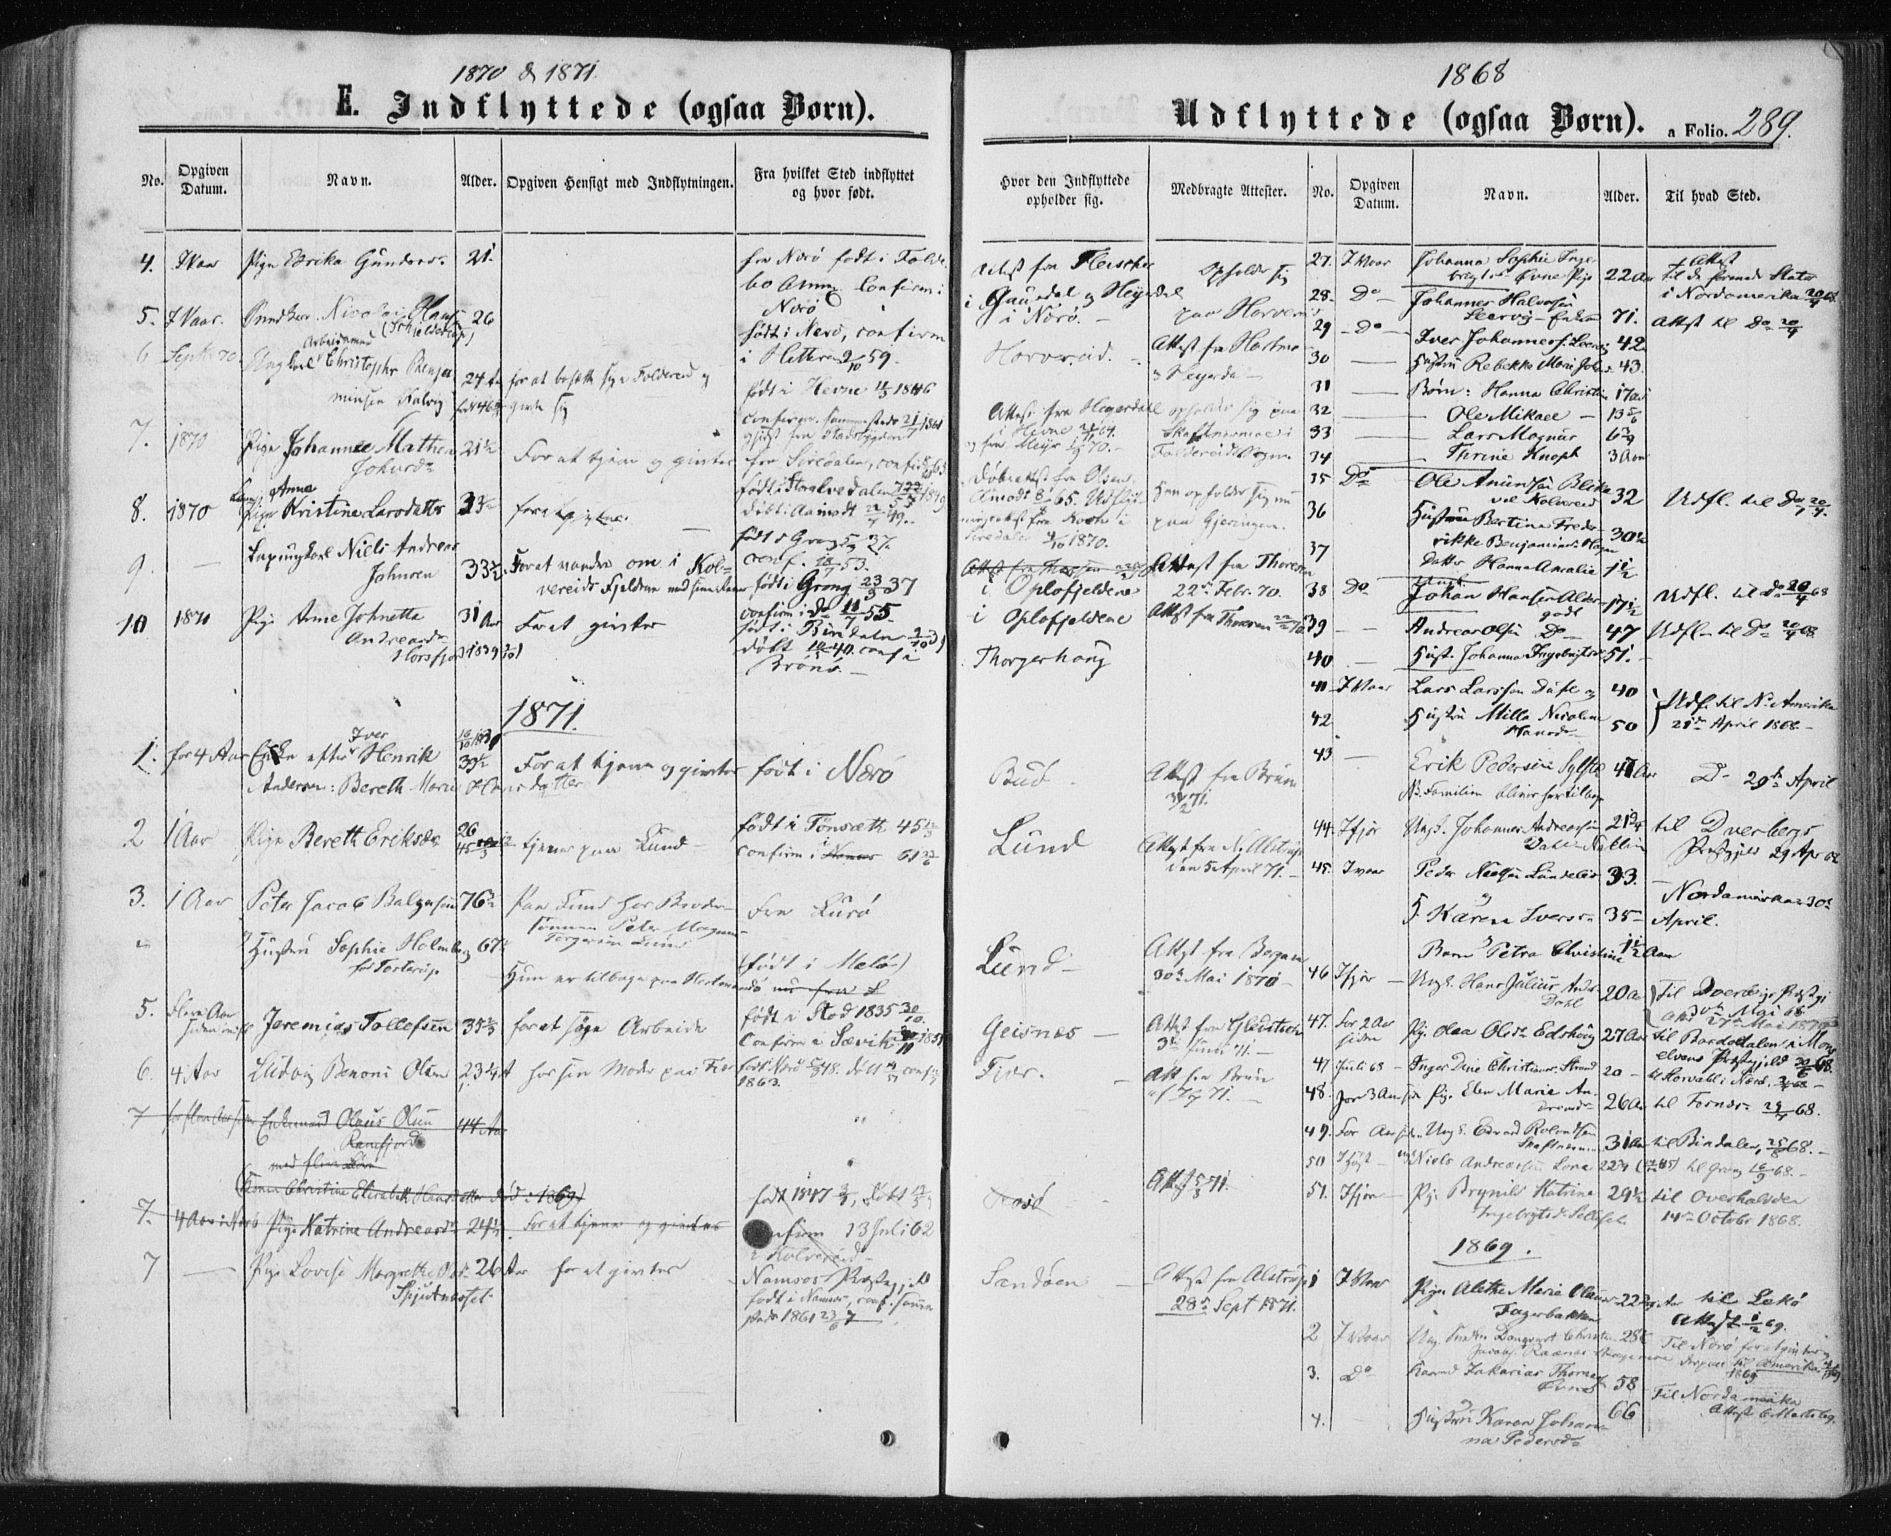 SAT, Ministerialprotokoller, klokkerbøker og fødselsregistre - Nord-Trøndelag, 780/L0641: Ministerialbok nr. 780A06, 1857-1874, s. 289